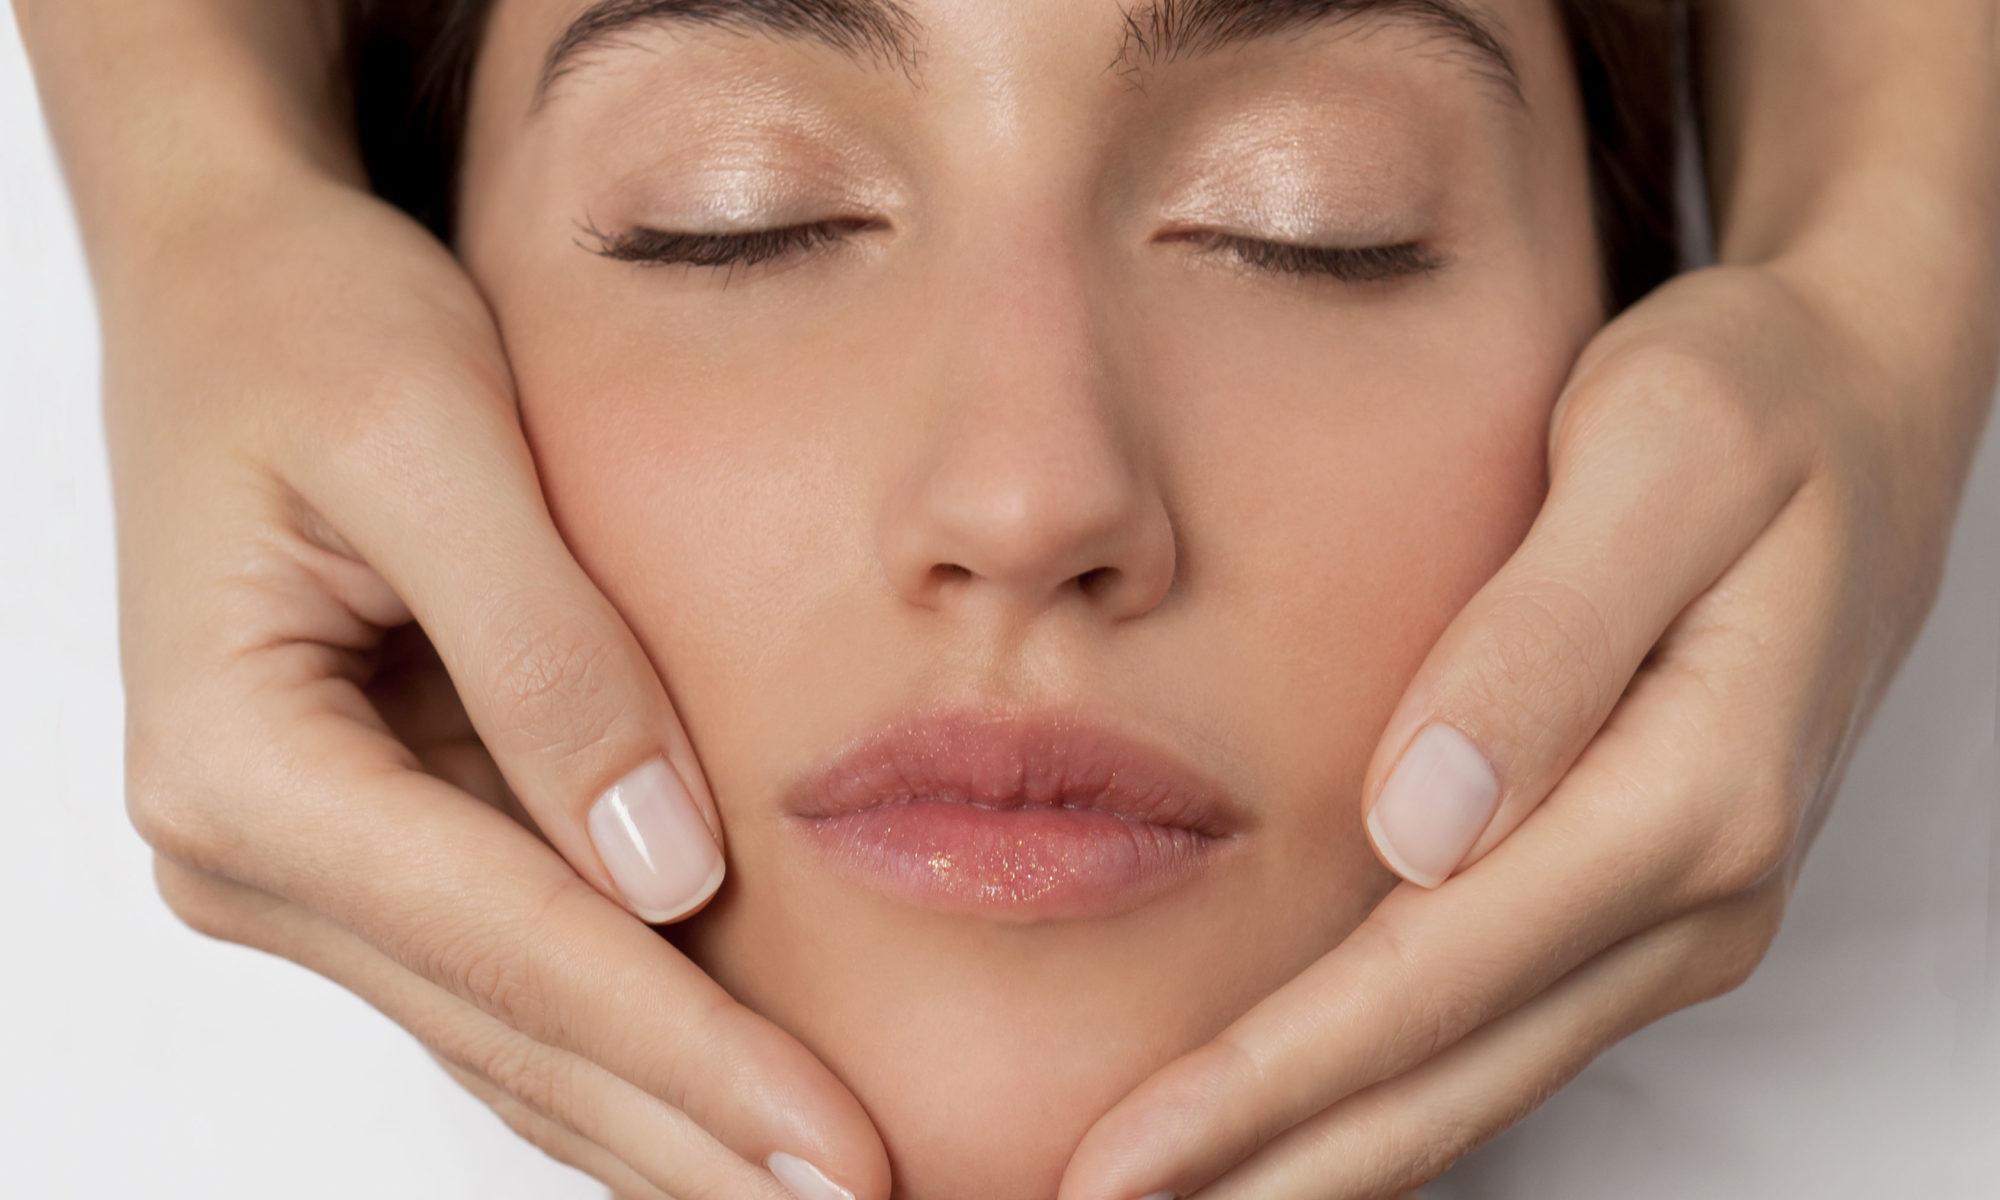 Les soins visage nous donnent une peau éclatante de beauté et pleine de vitalité.